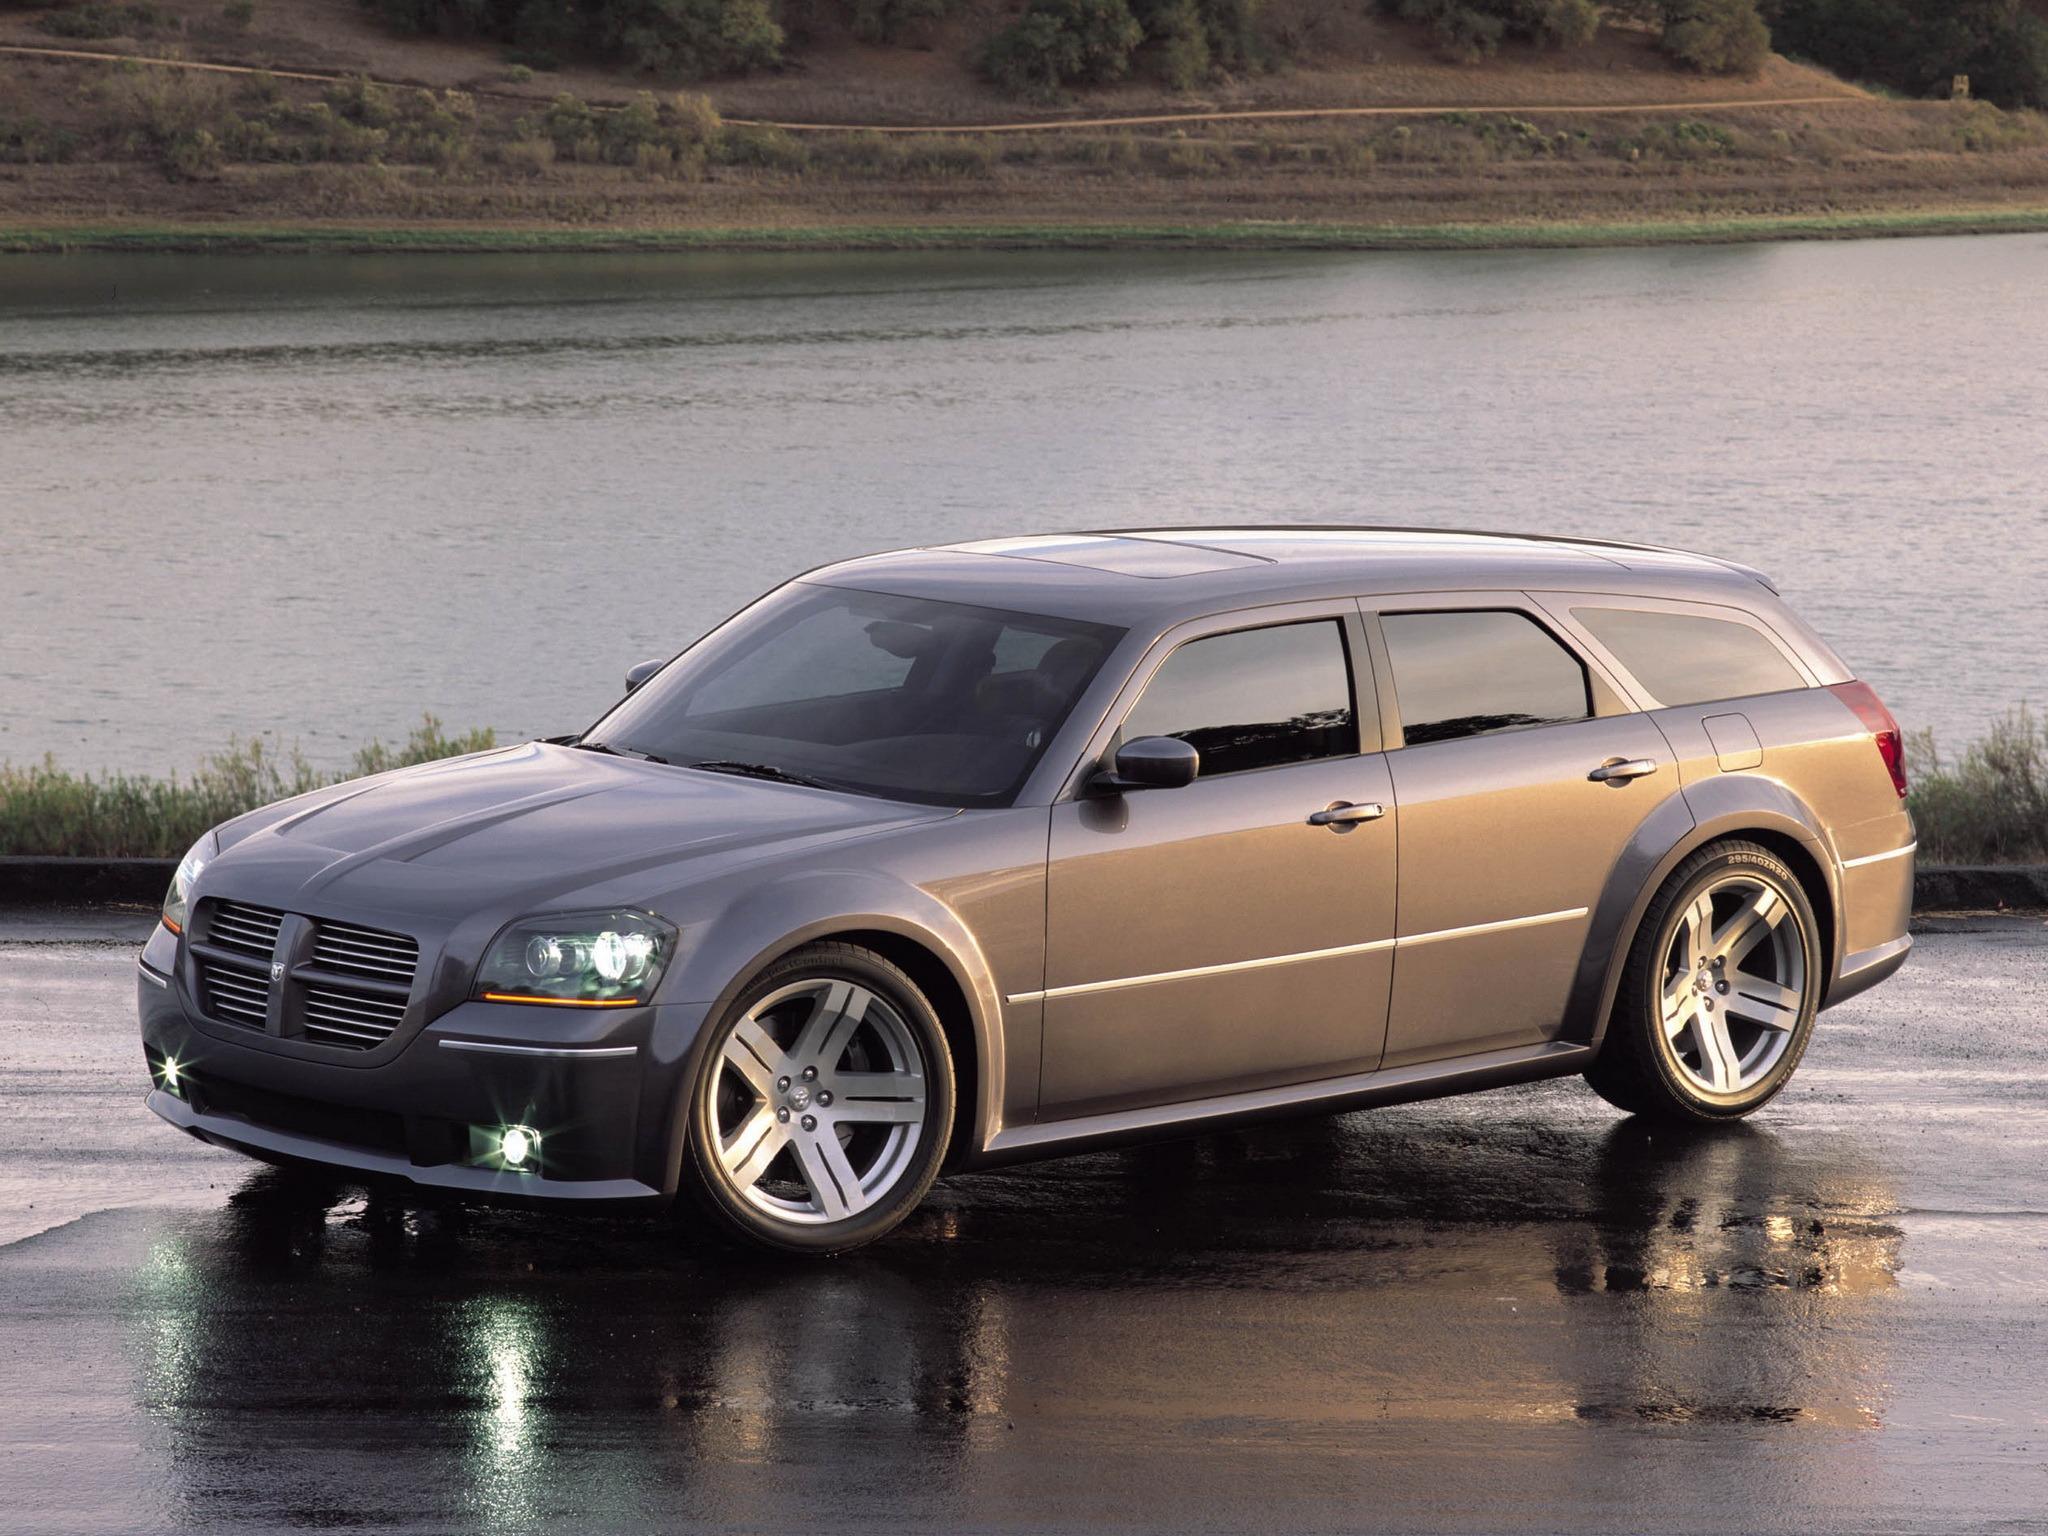 Villain automotive Design concepts 2005 Dodge Magnum Specs ... |2014 Dodge Magnum Concept